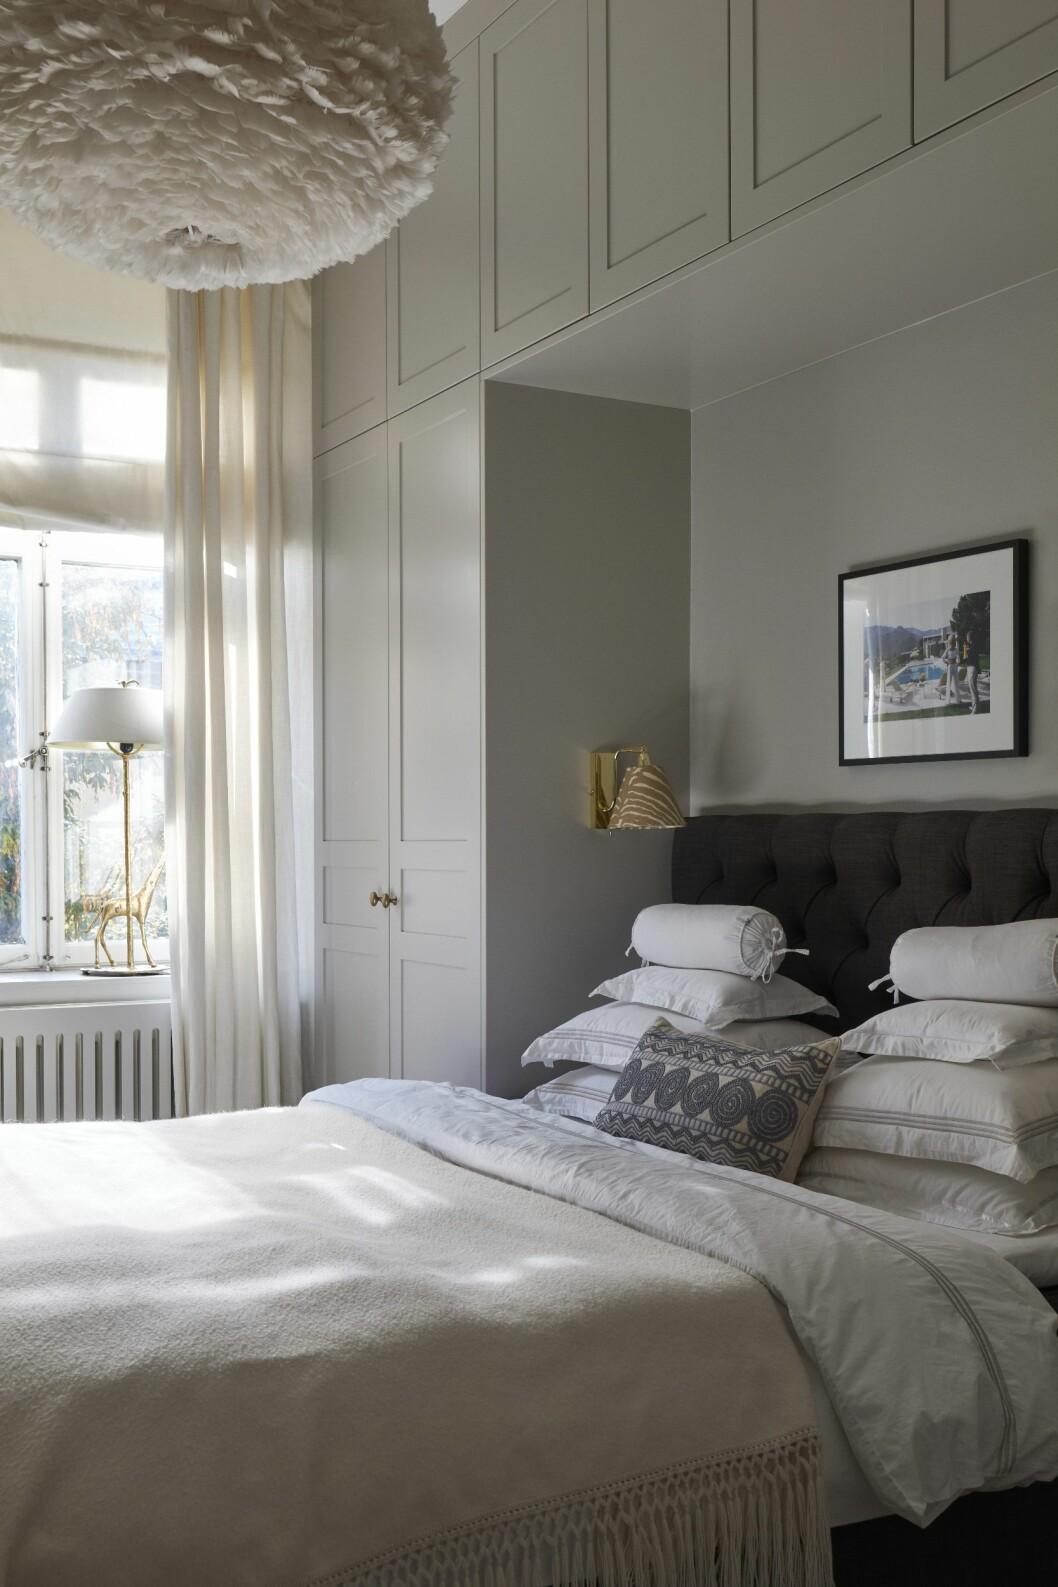 platsbyggd compact living-garderob runt sängen i sovrummet